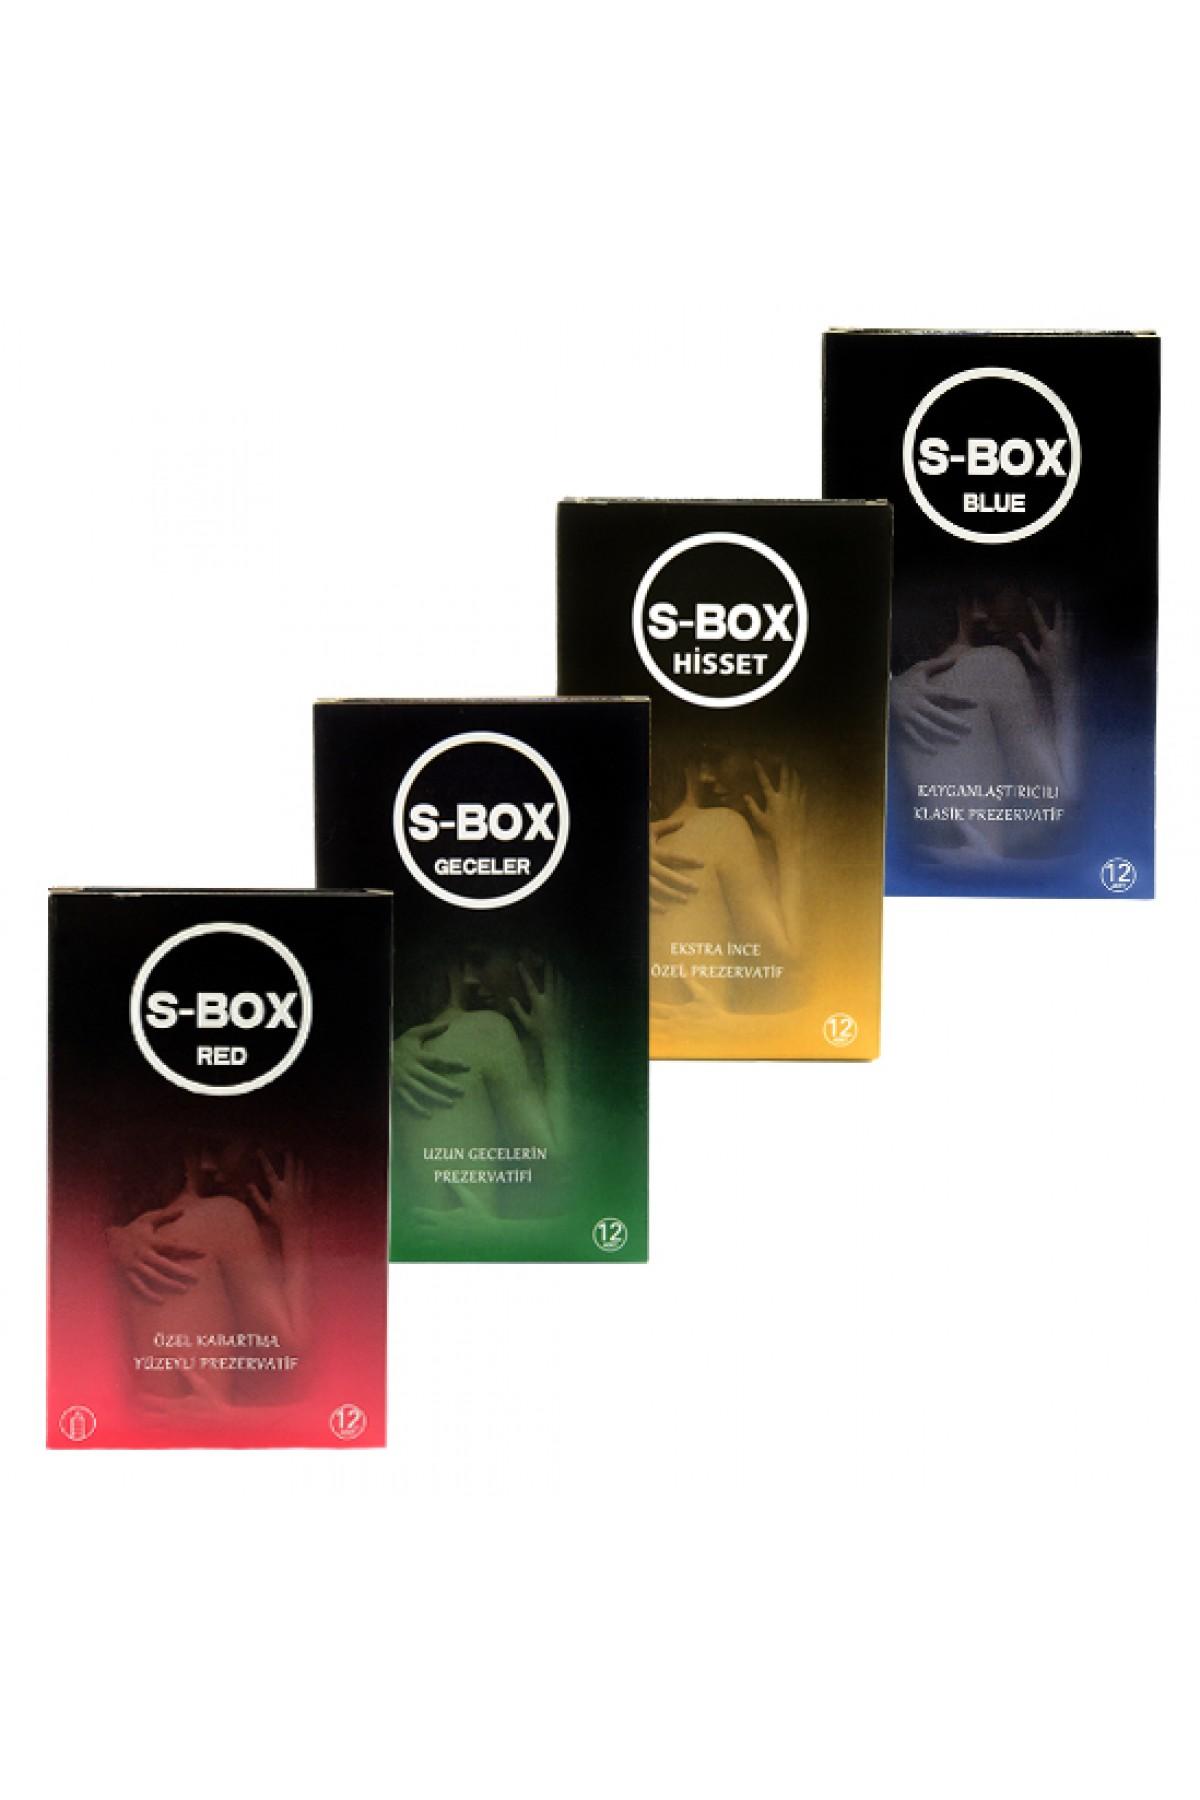 S-Box Condom Karma Paket 48 Adet Prezervatif